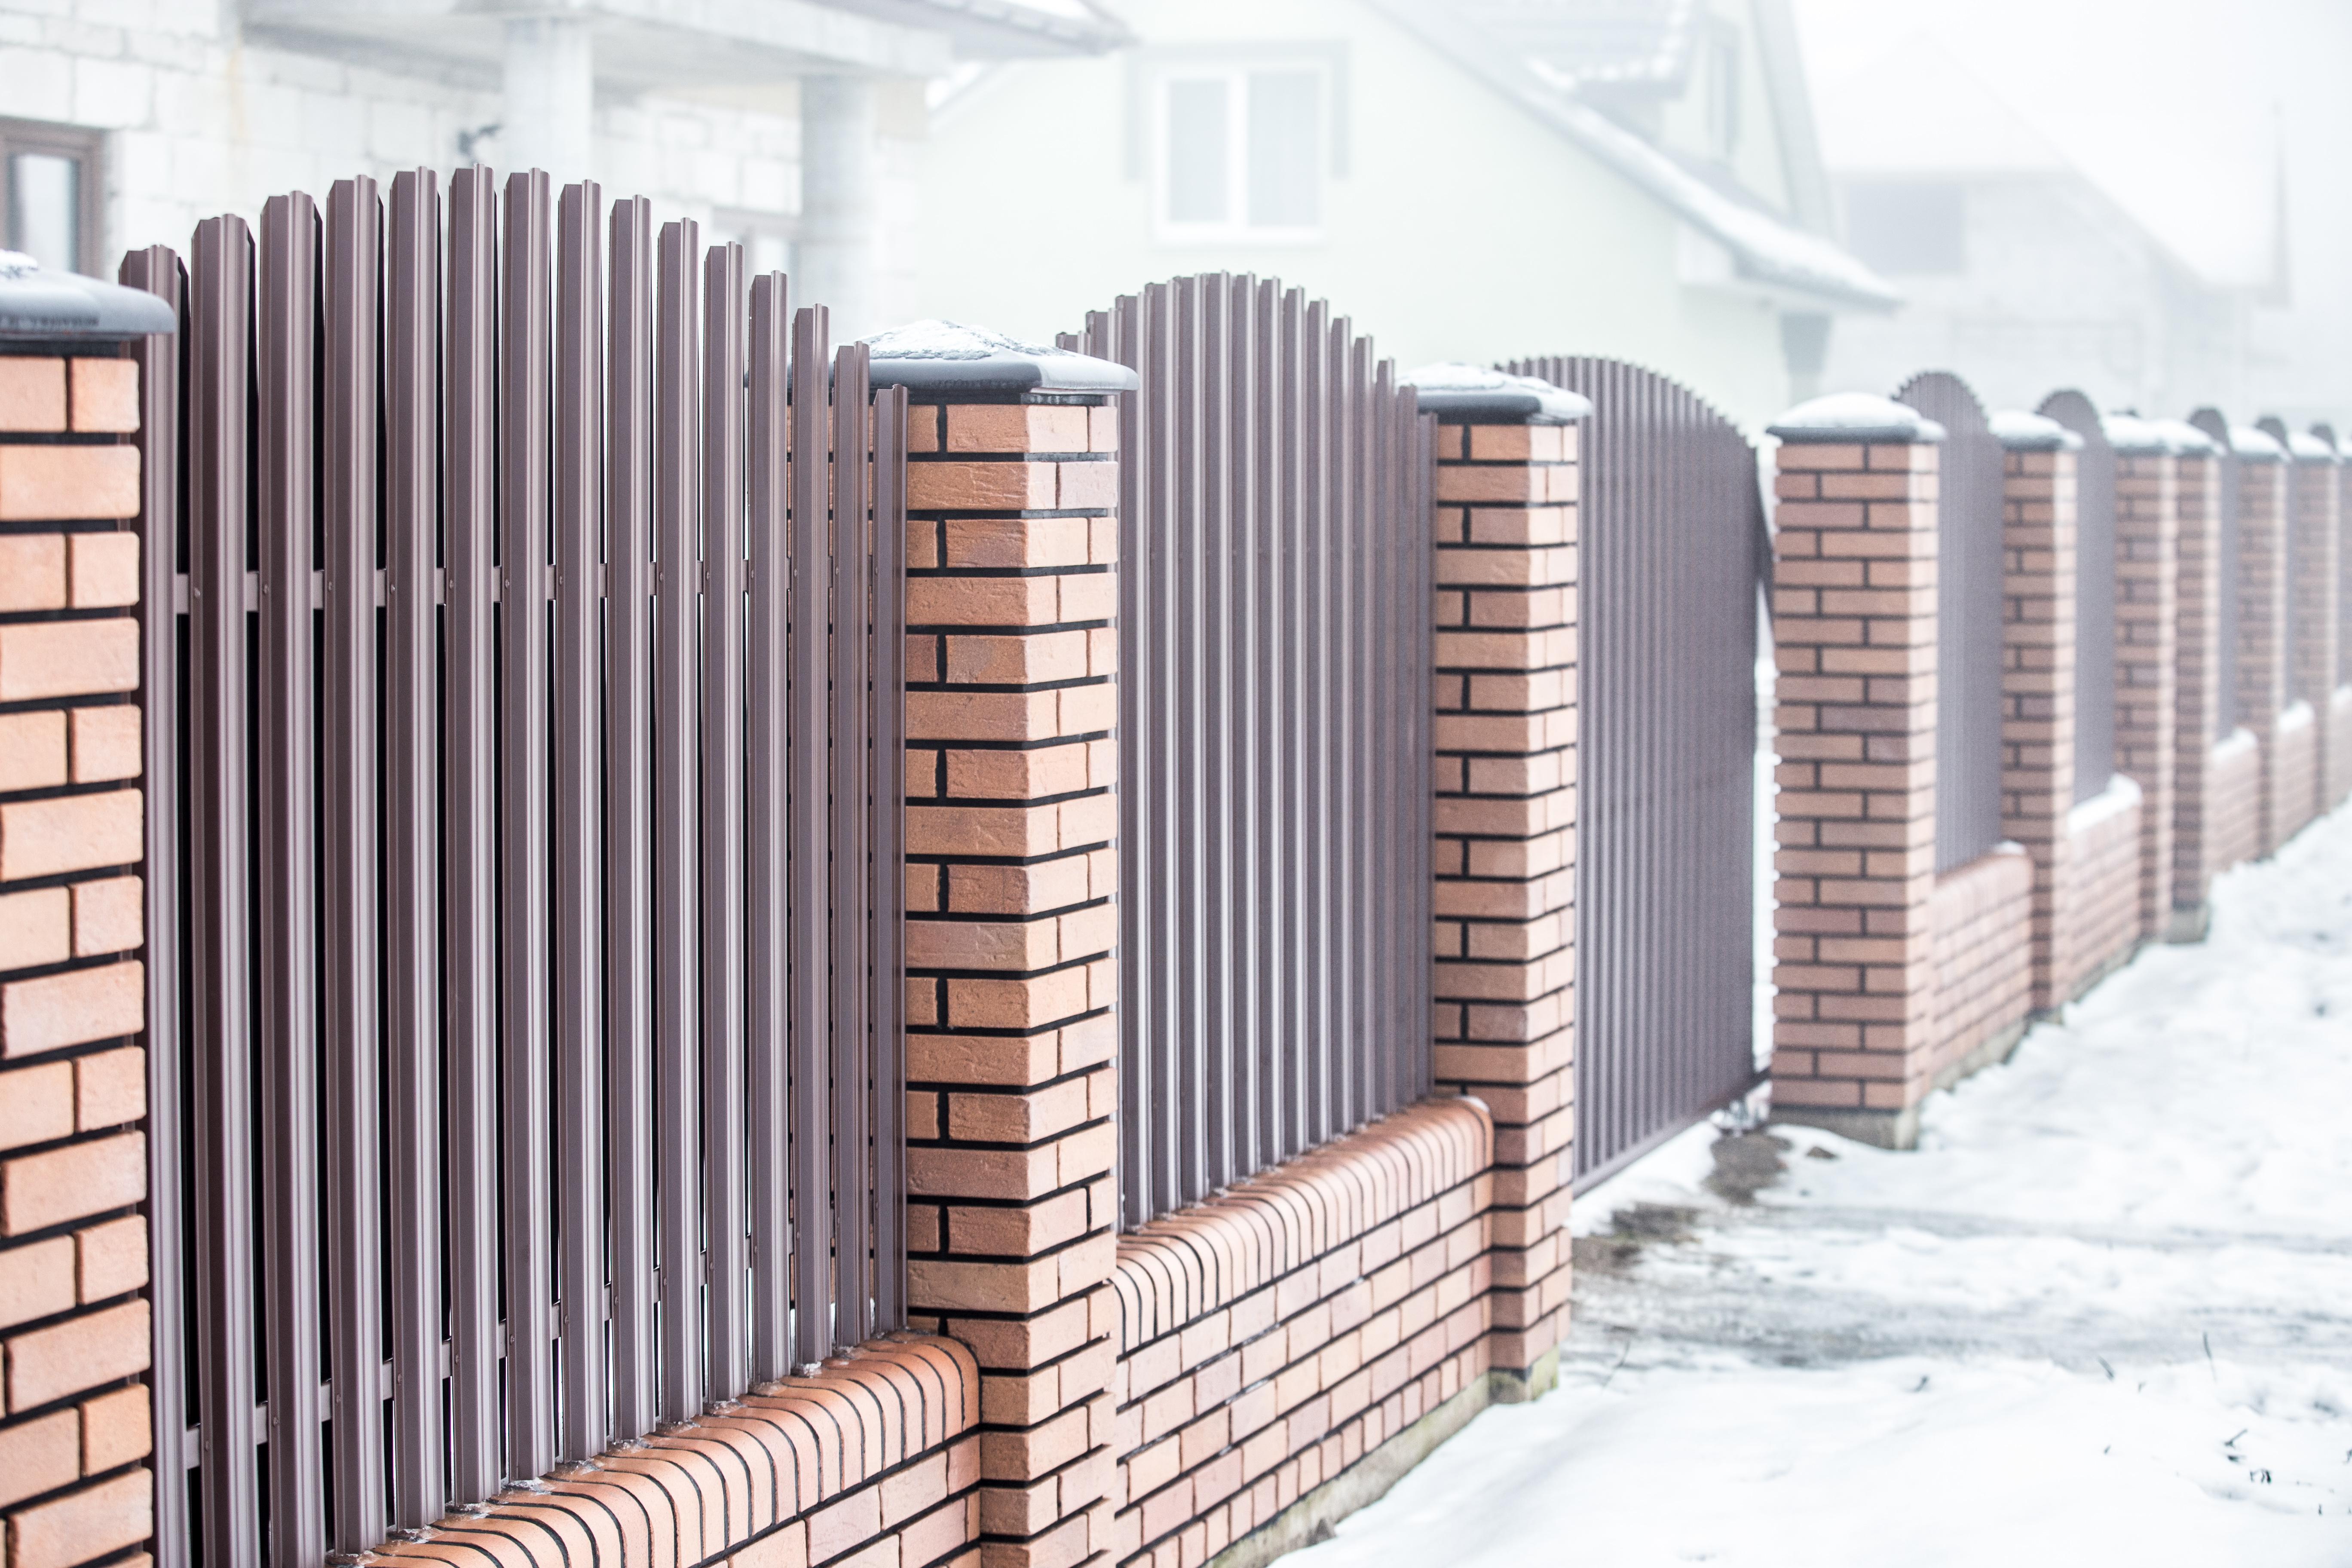 Забор из металлического штакетника в двухстороннем порядке